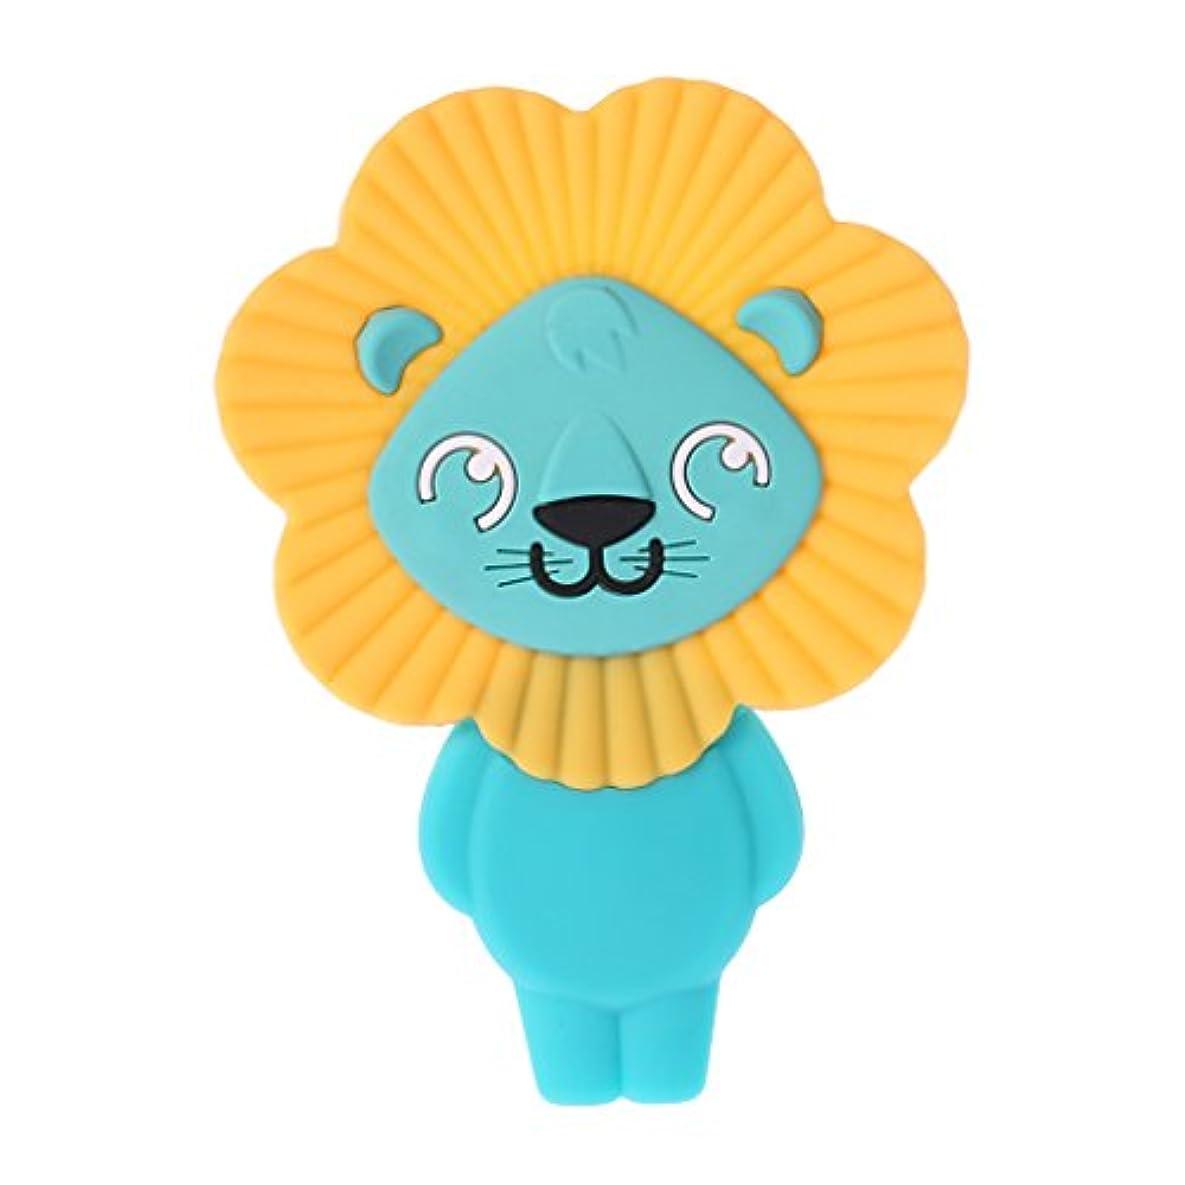 四回服を着る年Landdumシリコーンおしゃぶりかわいいライオンのおしゃぶり赤ちゃん看護玩具かむ玩具歯が生えるガラガラ玩具